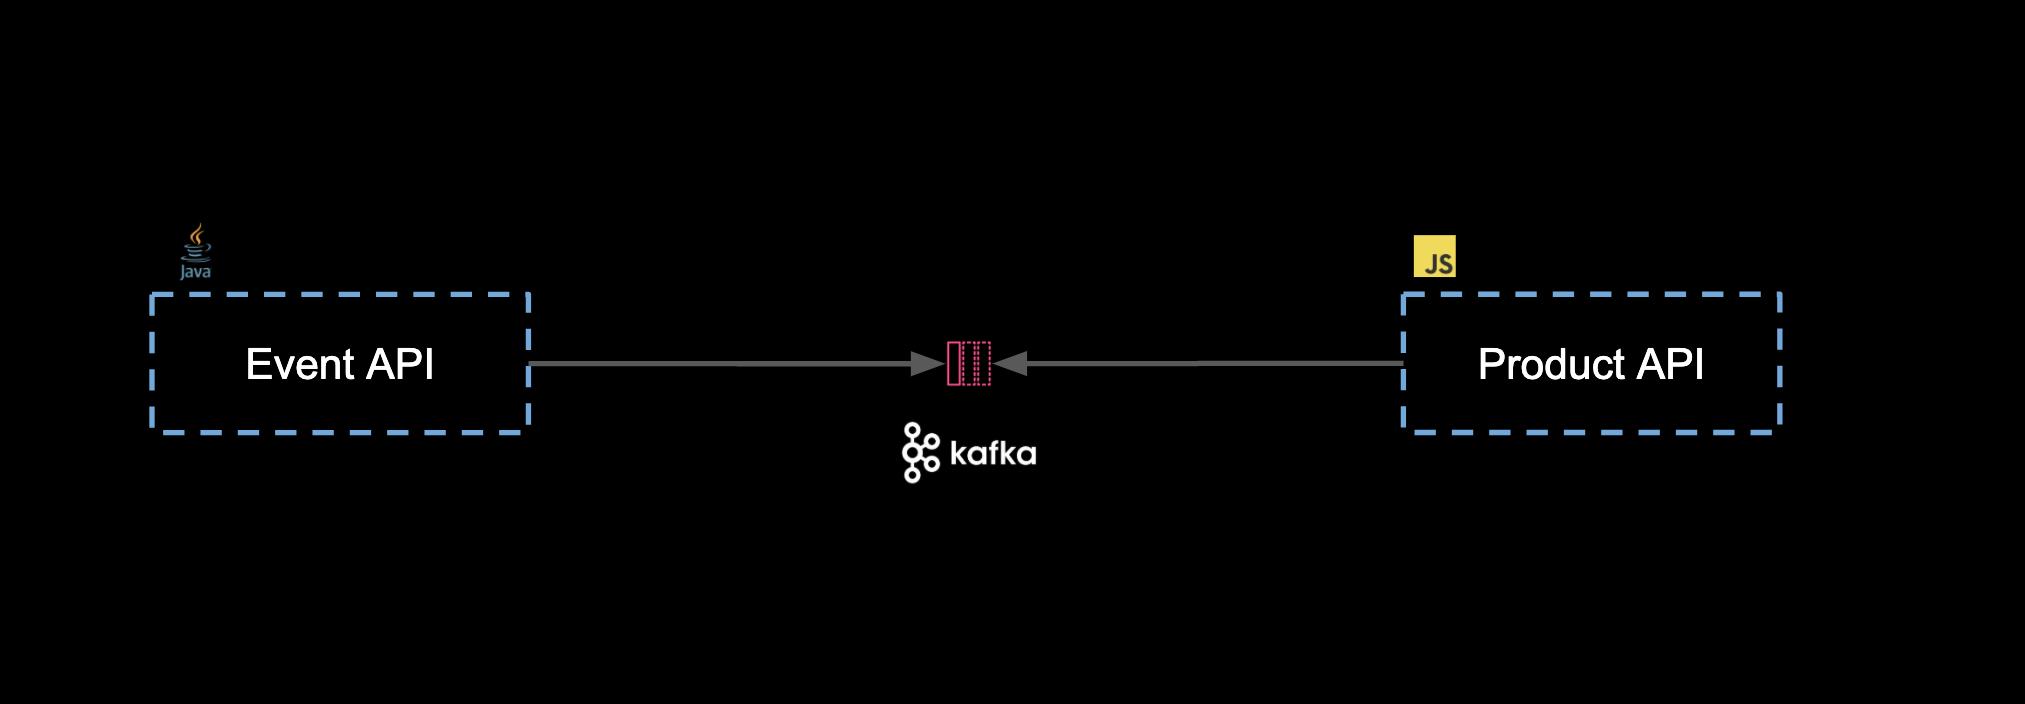 Kafka Architecture